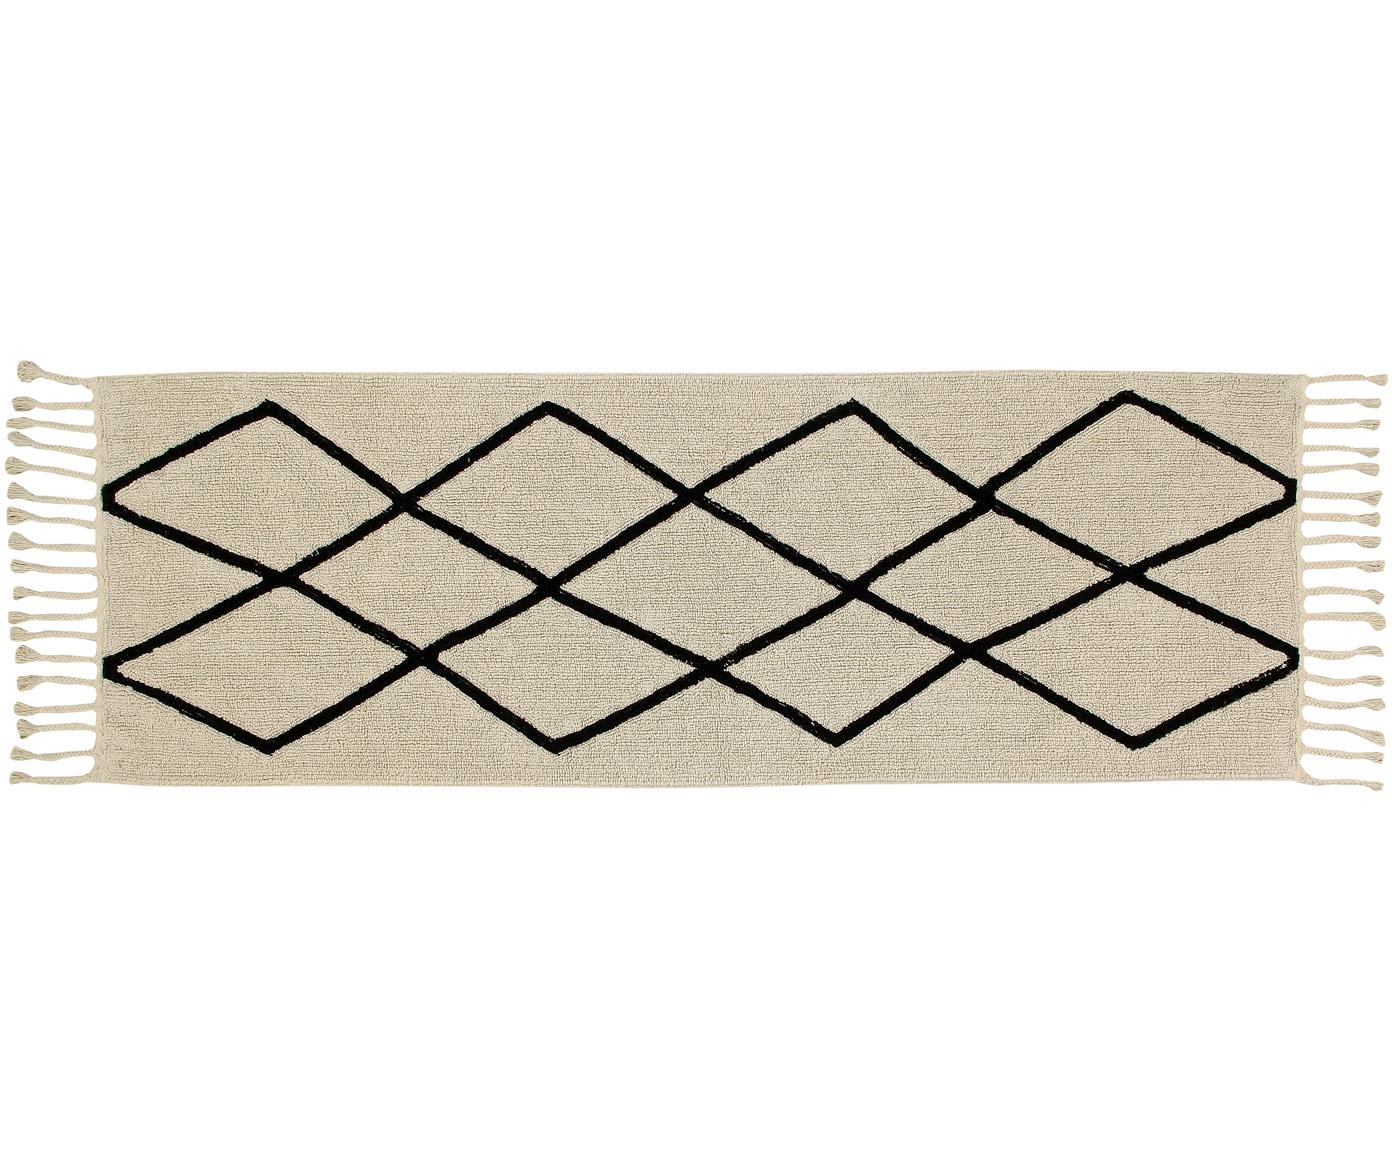 Passatoia in cotone lavabile Bereber, Retro: cotone riciclato, Marrone chiaro, nero, Larg. 80 x Lung. 230 cm